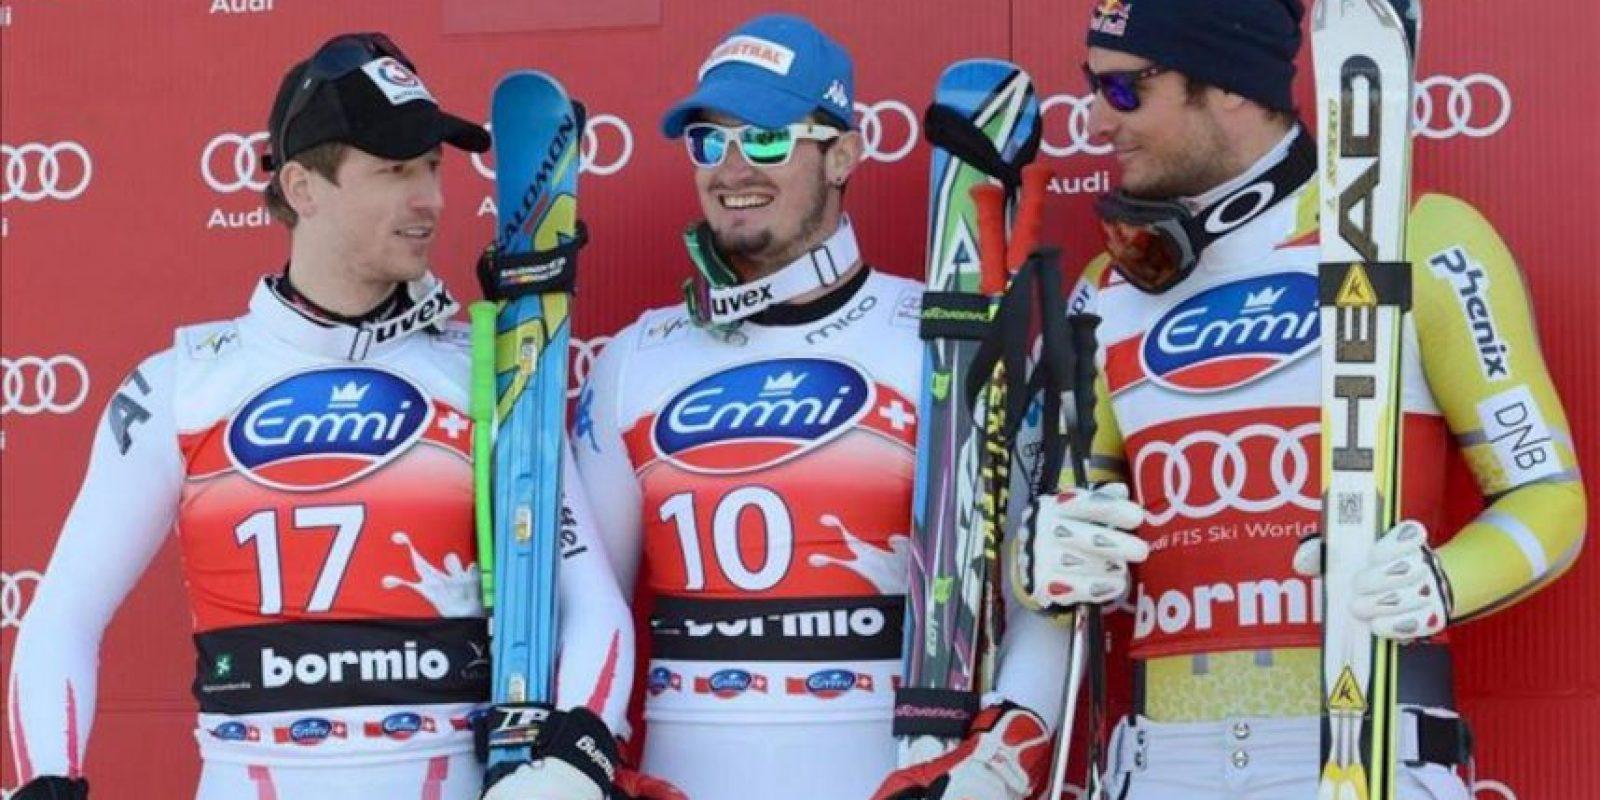 De izquierda a derecha, el austriaco Hannes Reichelt, el italiano Dominik Paris, y el noruego Aksel Lund Svindal, hoy en el podio en Bormio, Italia. EFE